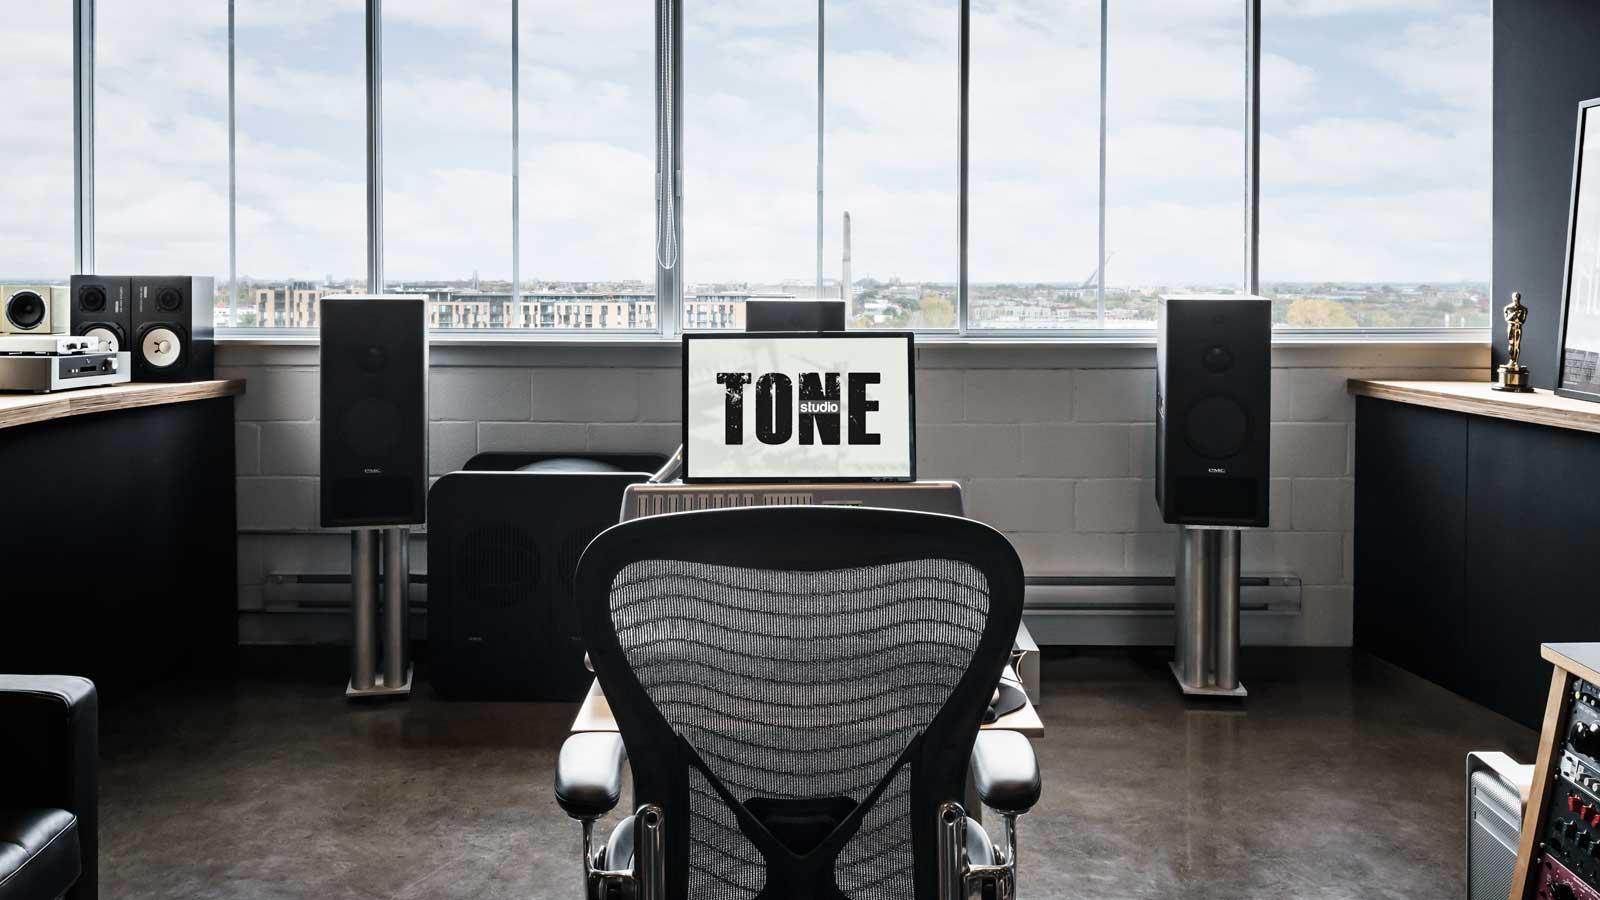 tone5